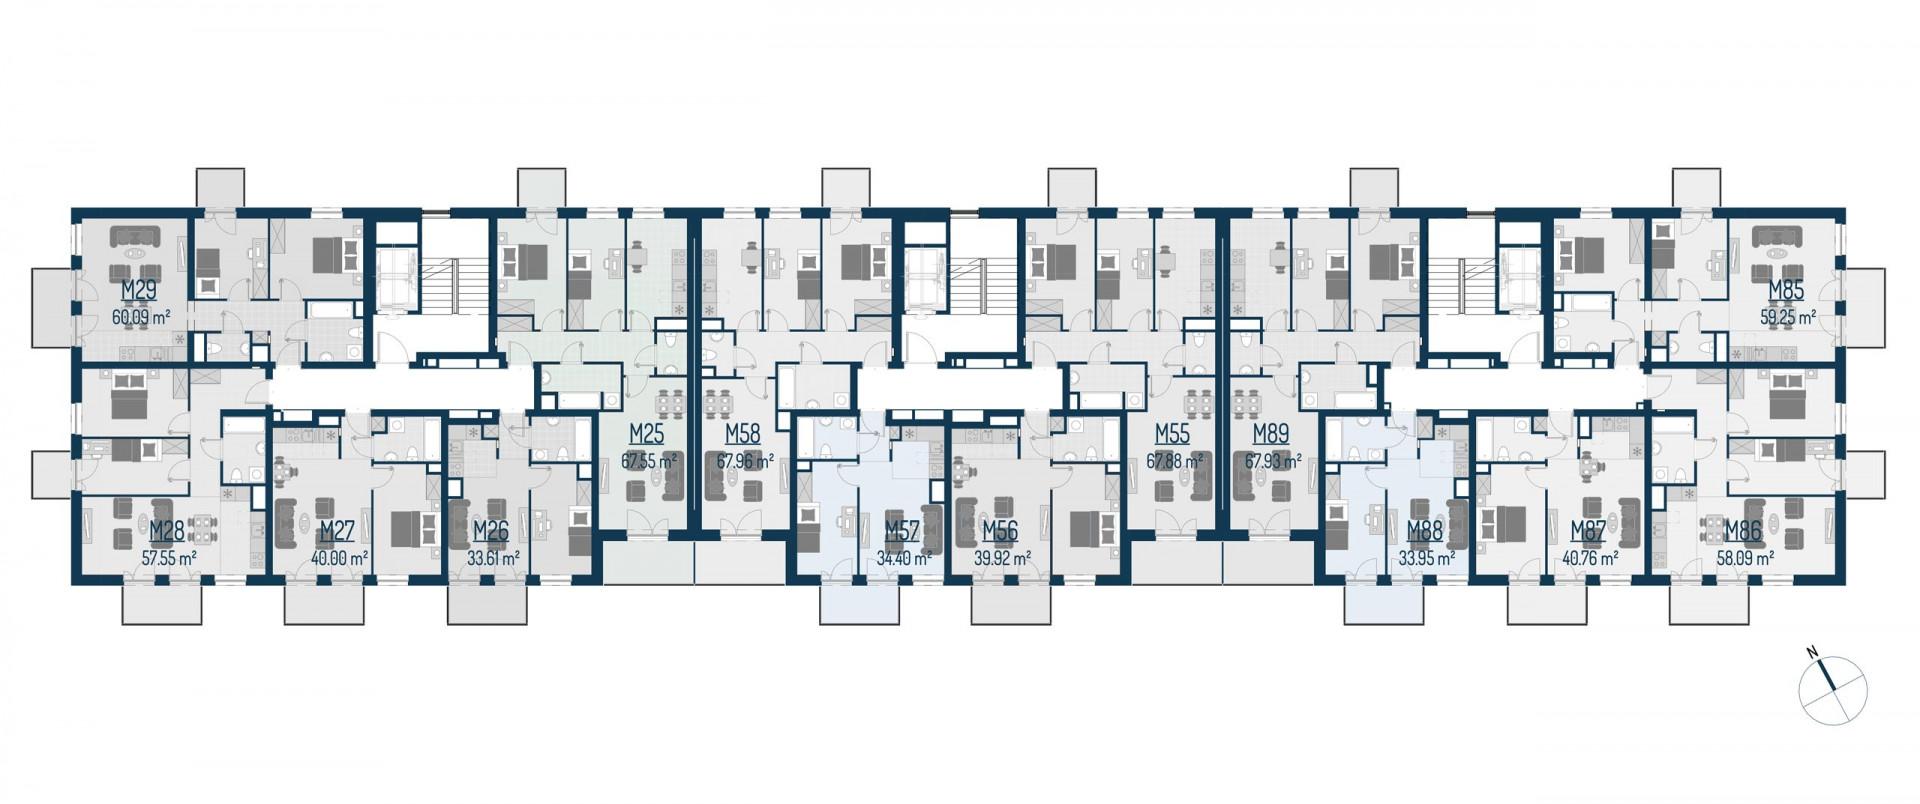 Zdrowe Stylove / budynek 1 / mieszkanie nr M25 rzut 2